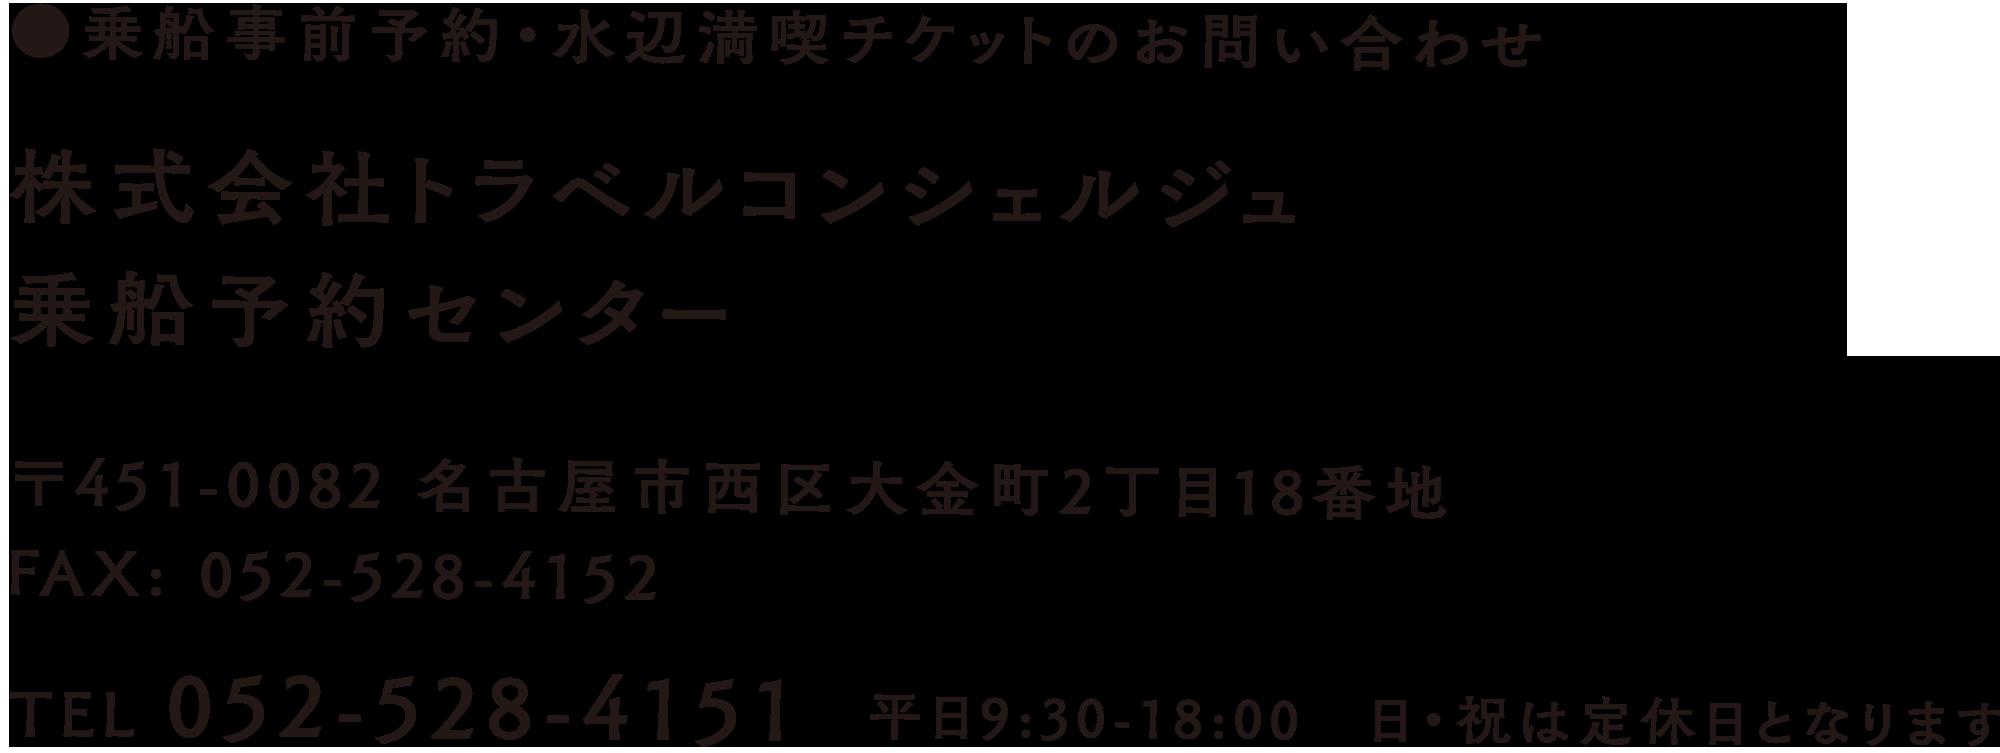 舟に乗って、名古屋の「グルメ」と「観光」を満喫!